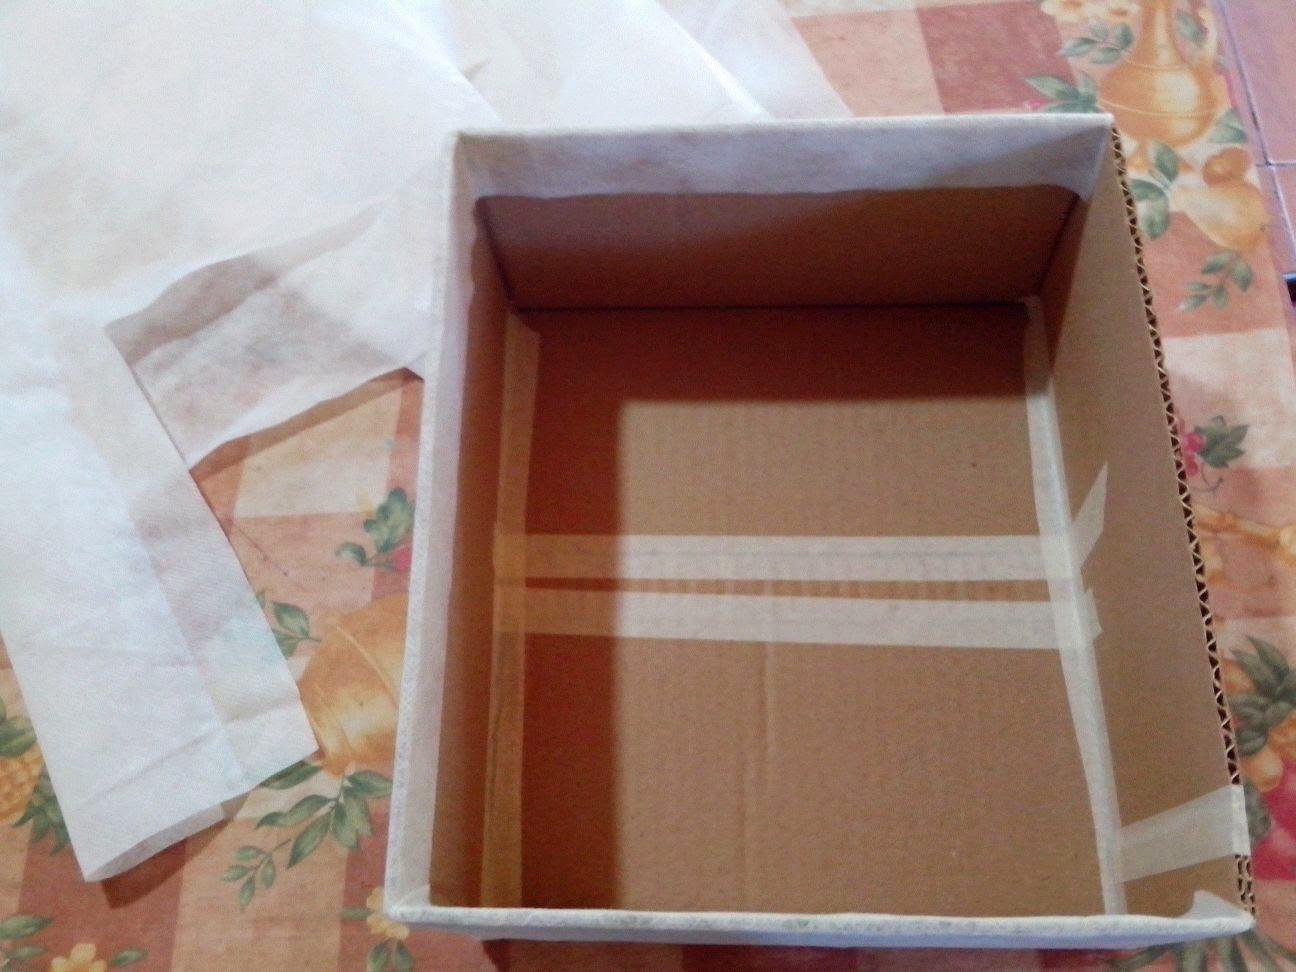 Manualidades caja forrada con tela para guardar objetos for Forrar cajas de carton con tela